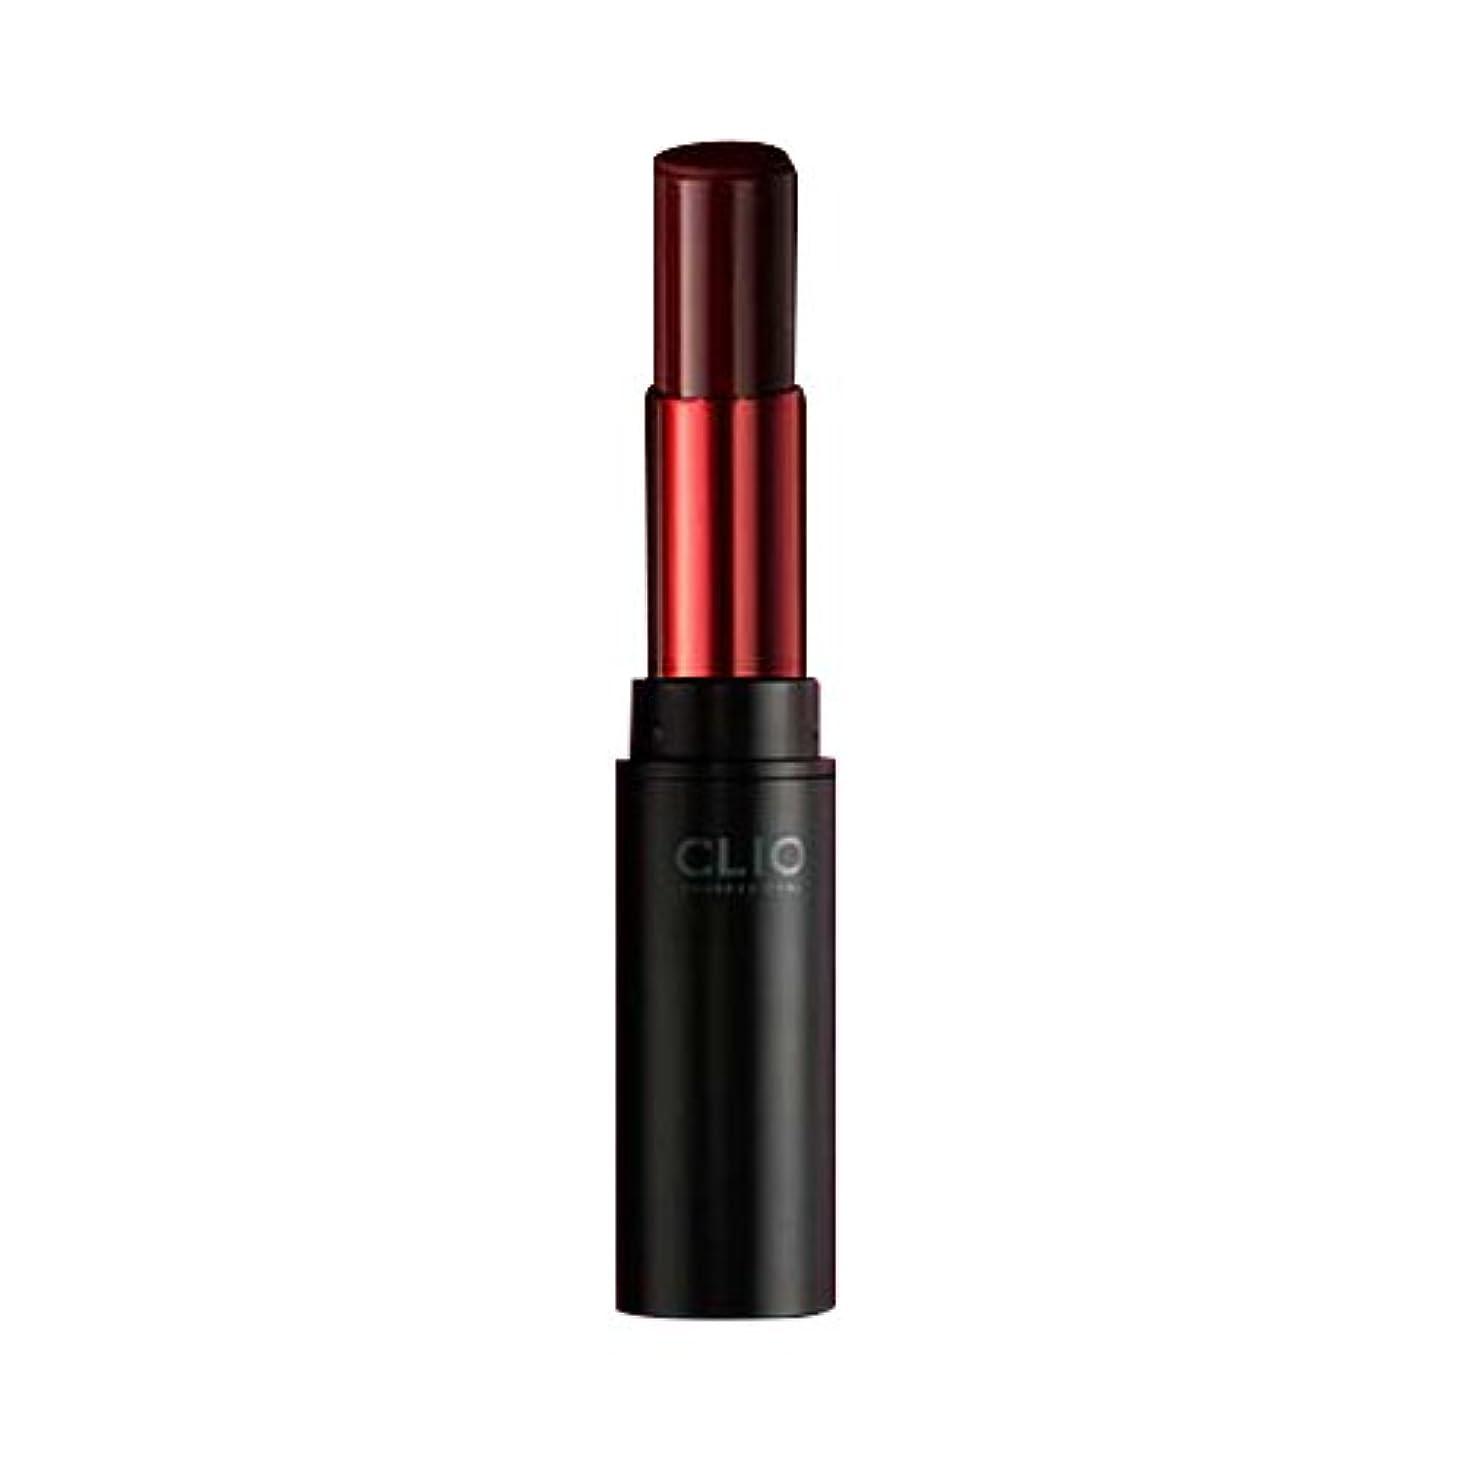 [New] CLIO Mad Matte Lips 4.5g/クリオ マッド マット リップ 4.5g (#04 Bloody Wine) [並行輸入品]